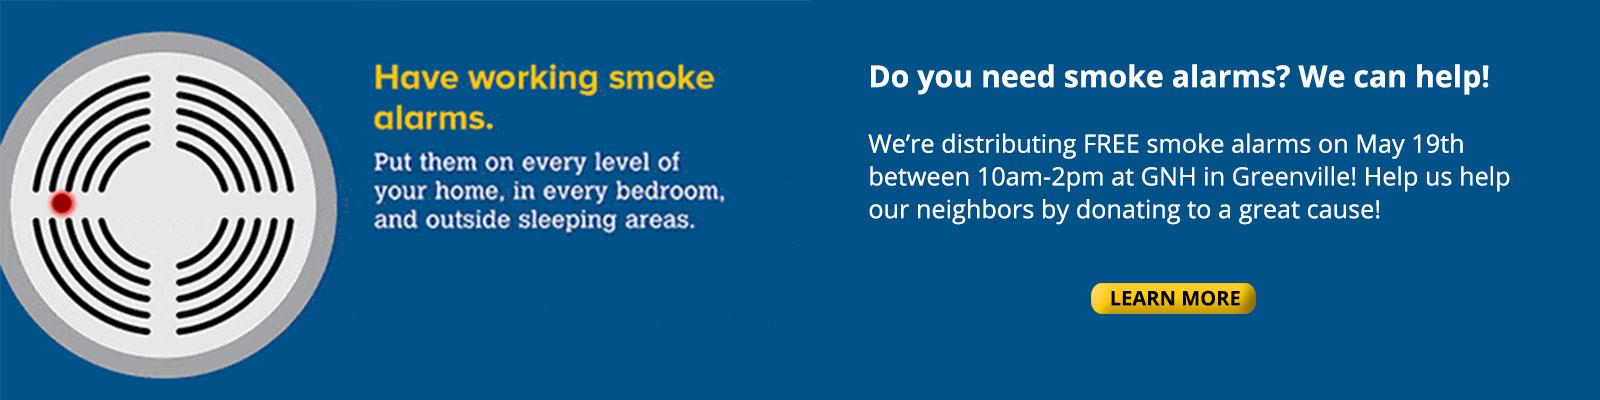 MAY-Smoke-Alarm-Slide